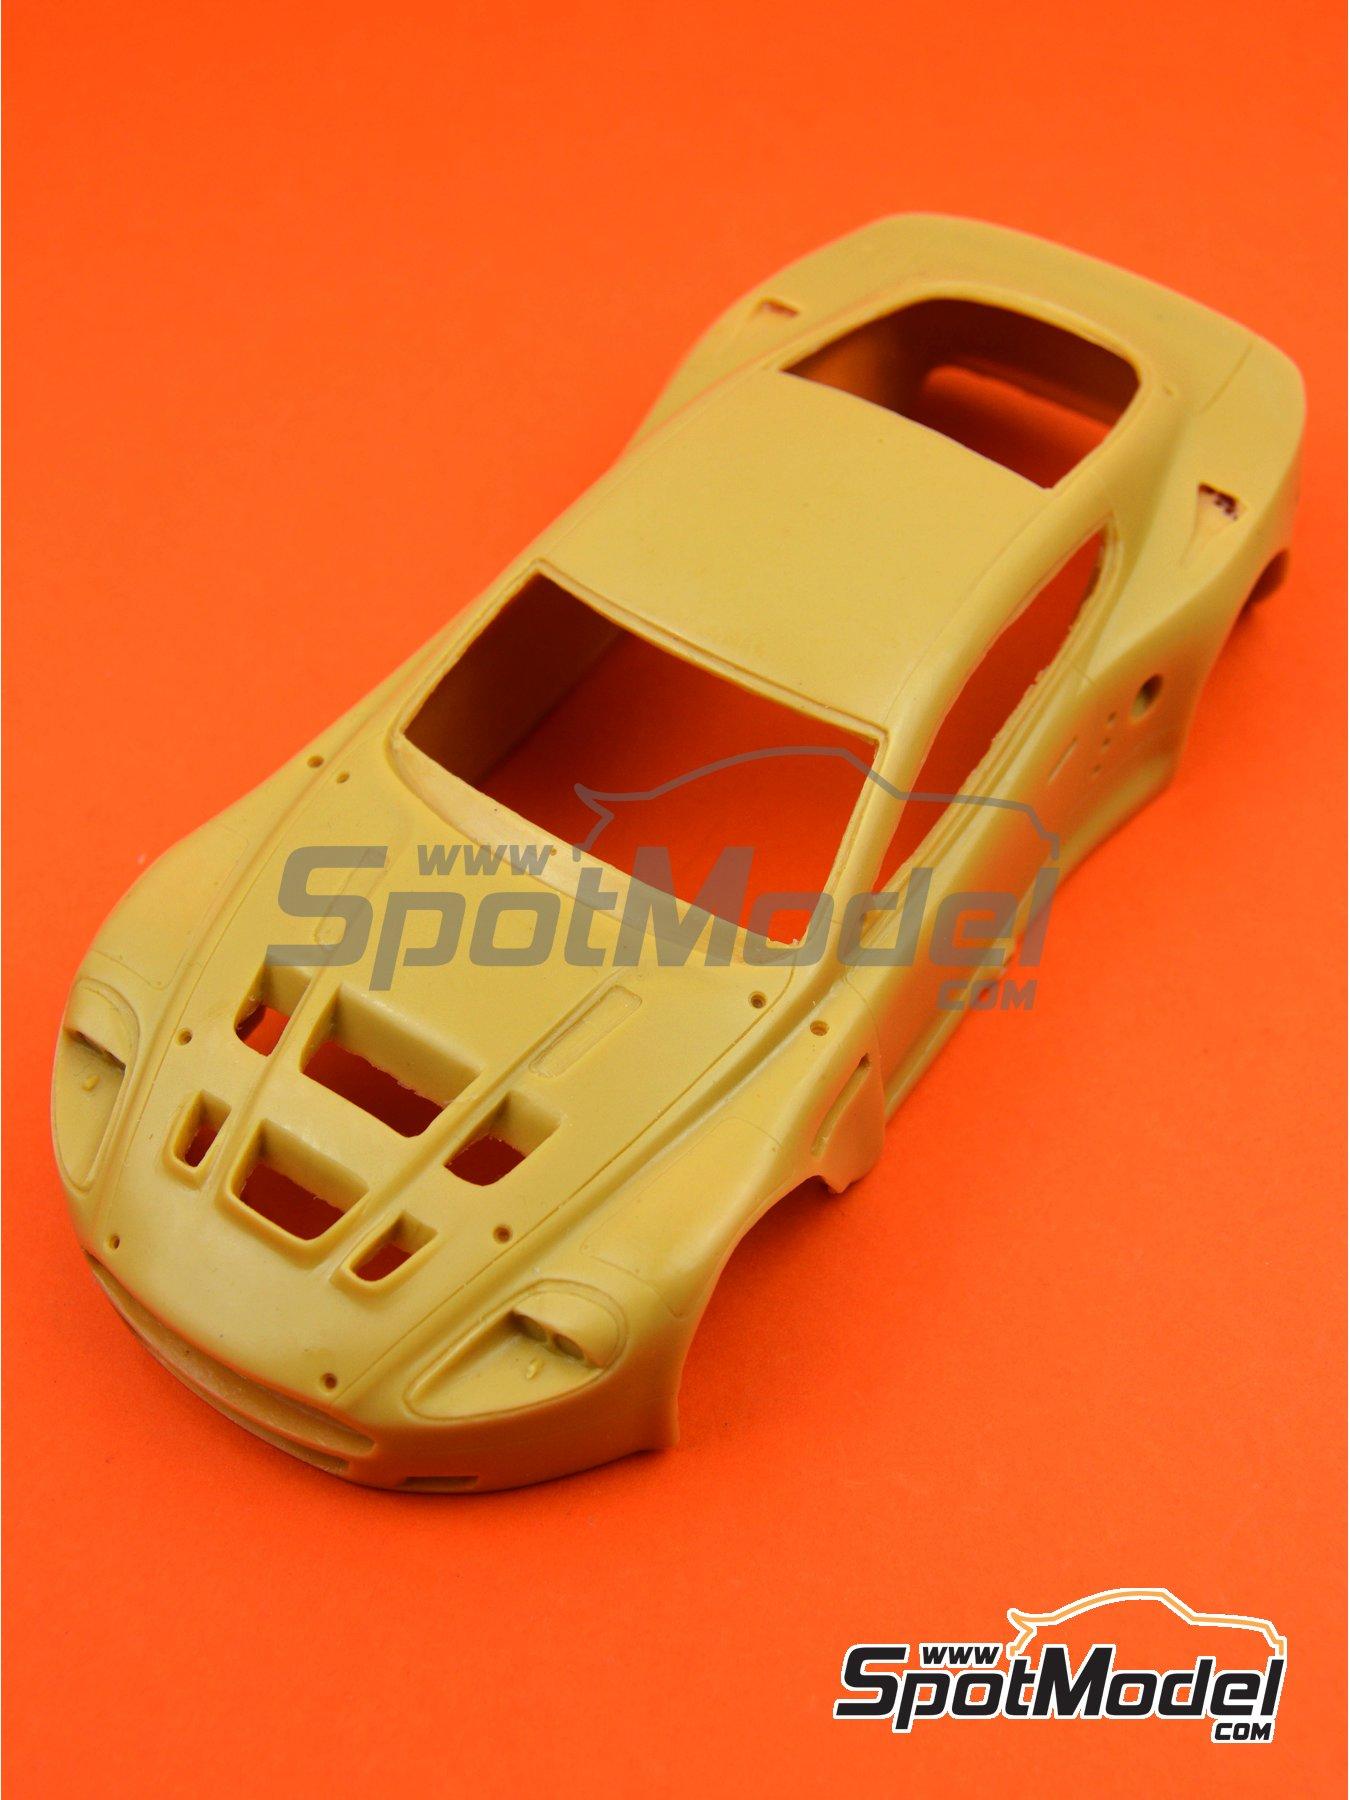 Aston Martin DBR9 | Carrocería en escala1/24 fabricado por Renaissance Models (ref.24-24-BODY) image